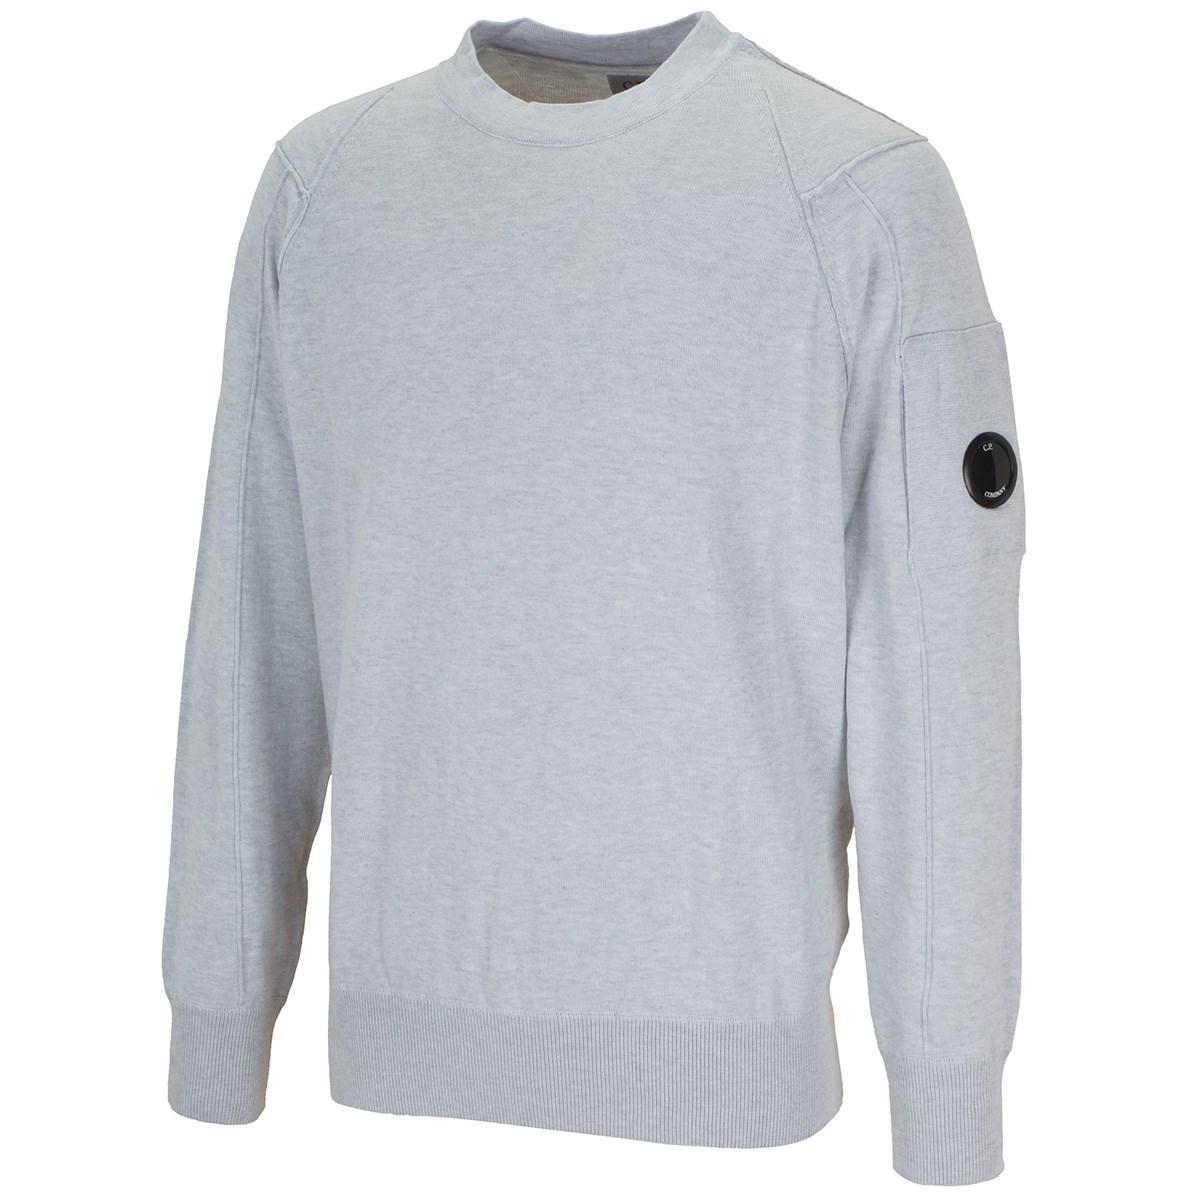 シーピーカンパニー クルーネックセーター